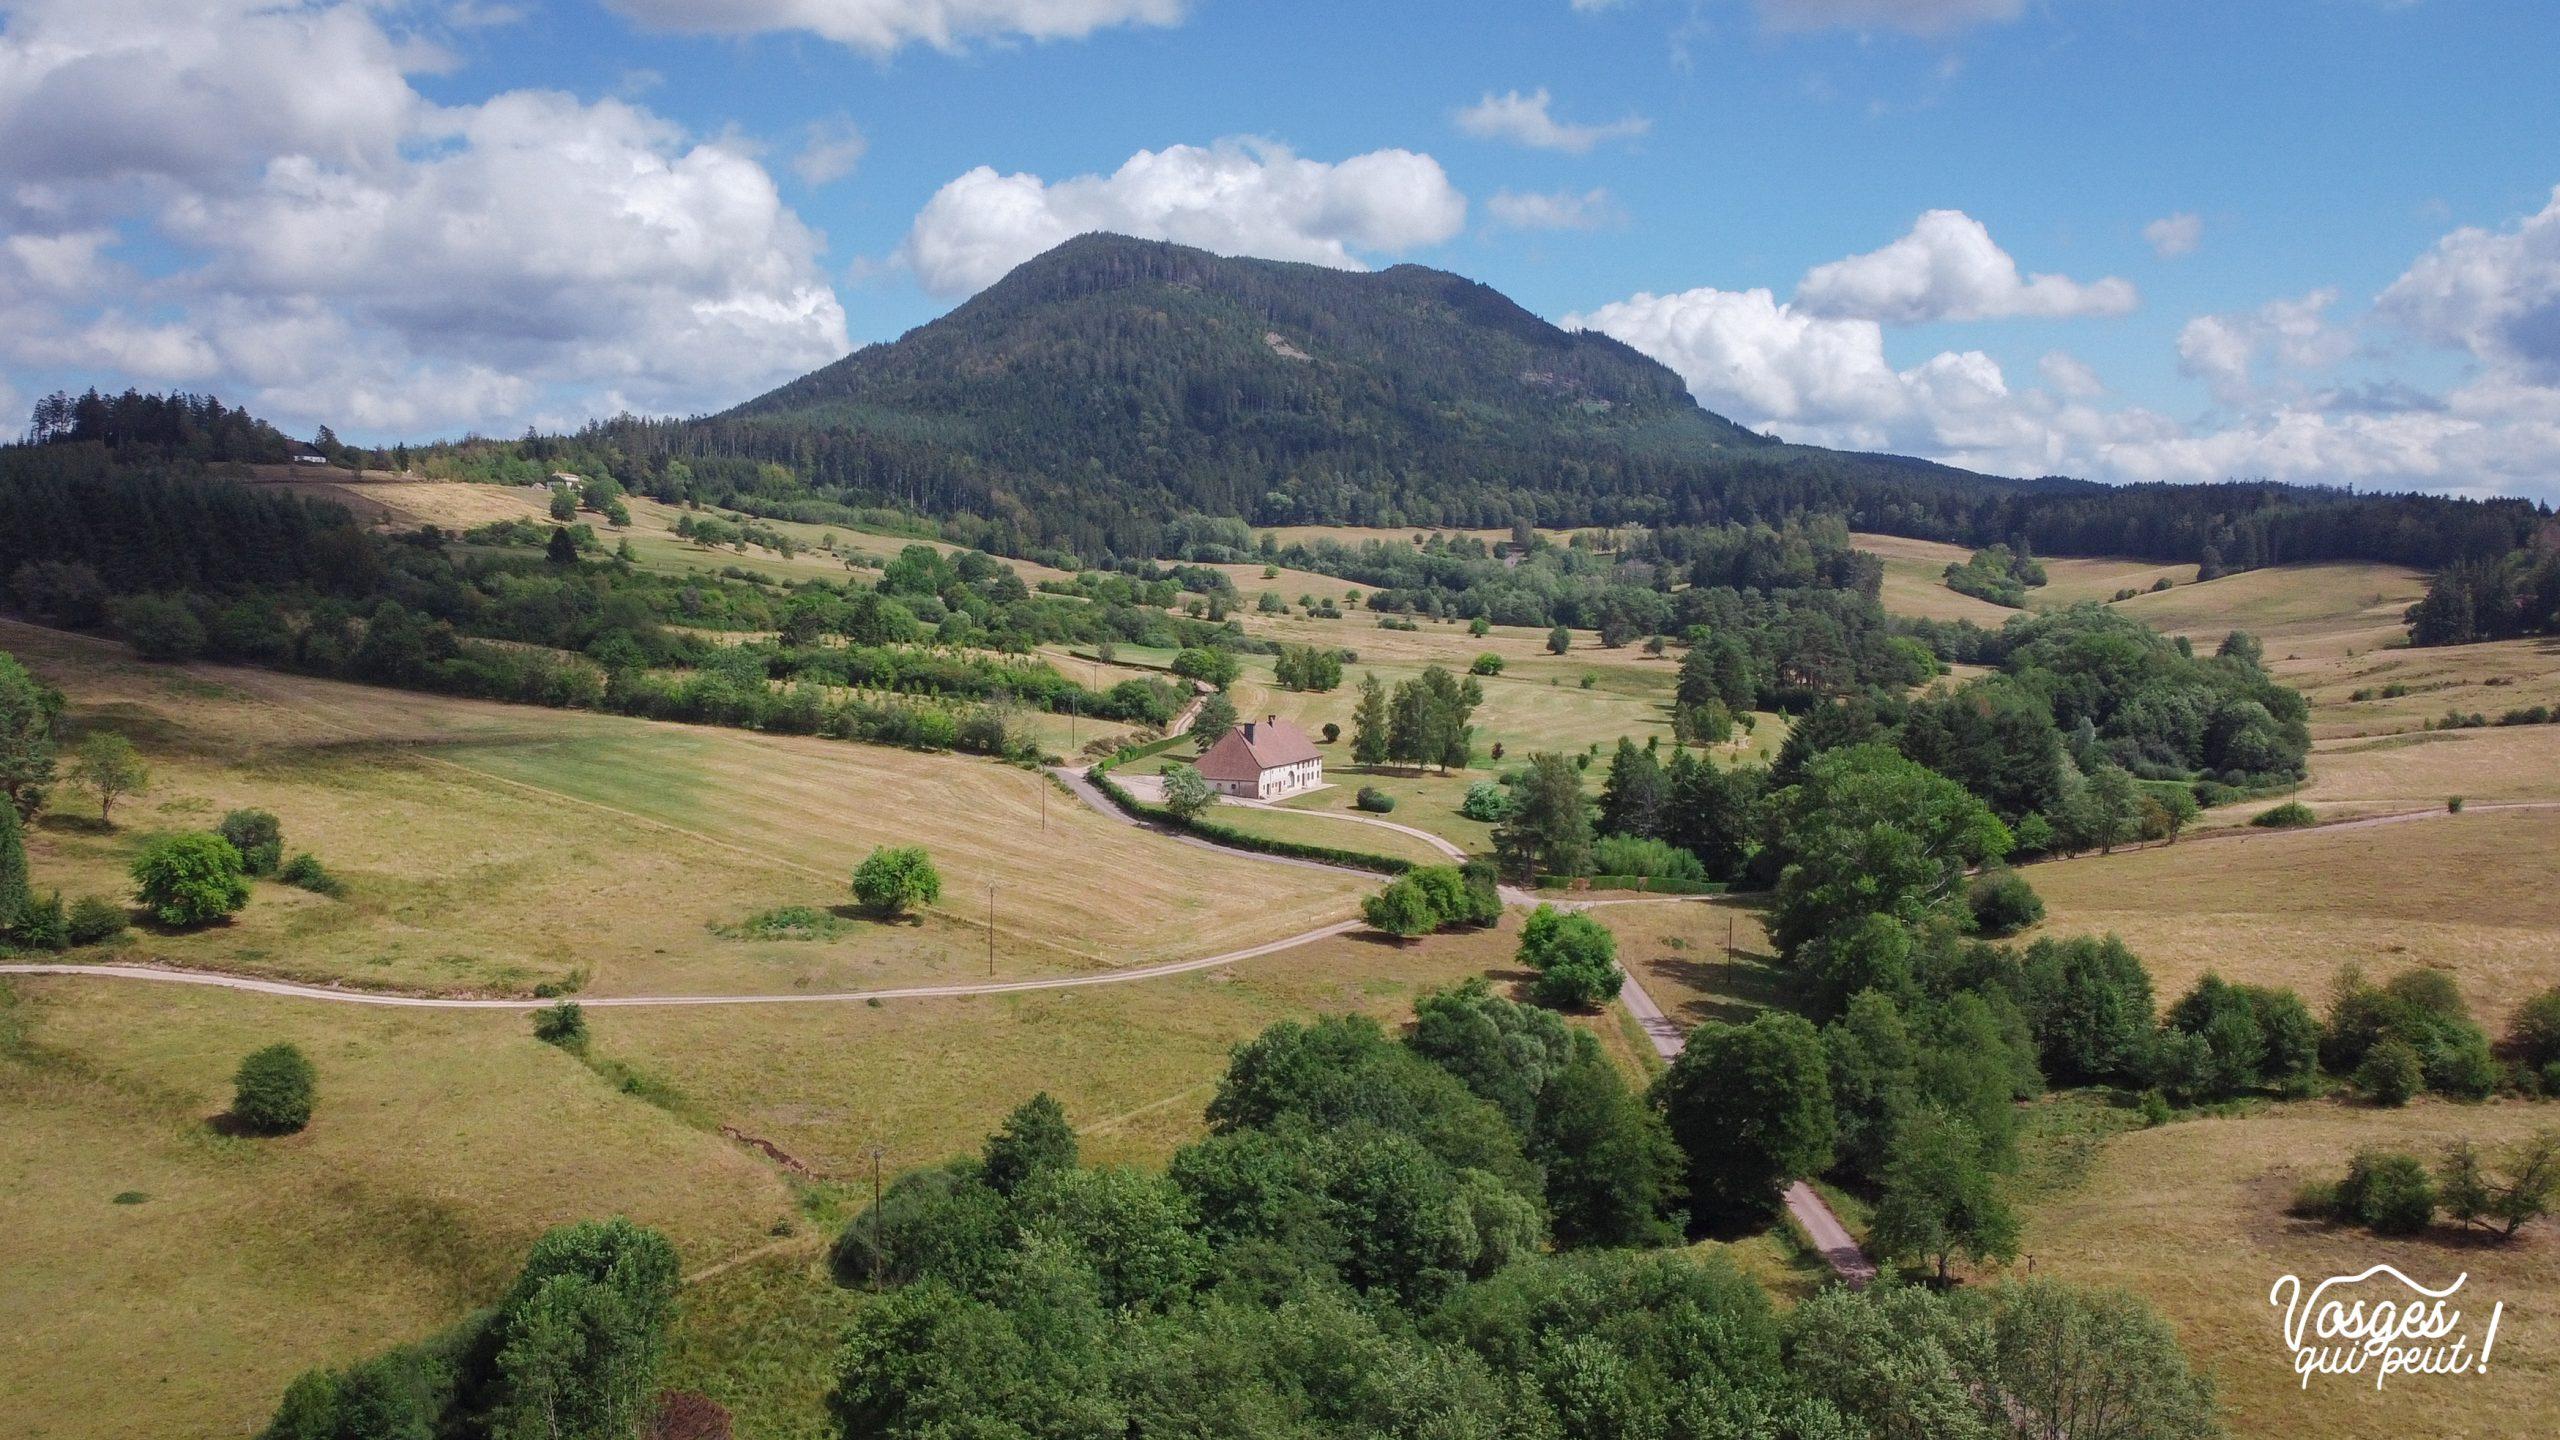 Vue aérienne du Climont depuis la clairière du Hang dans la vallée de la Bruche